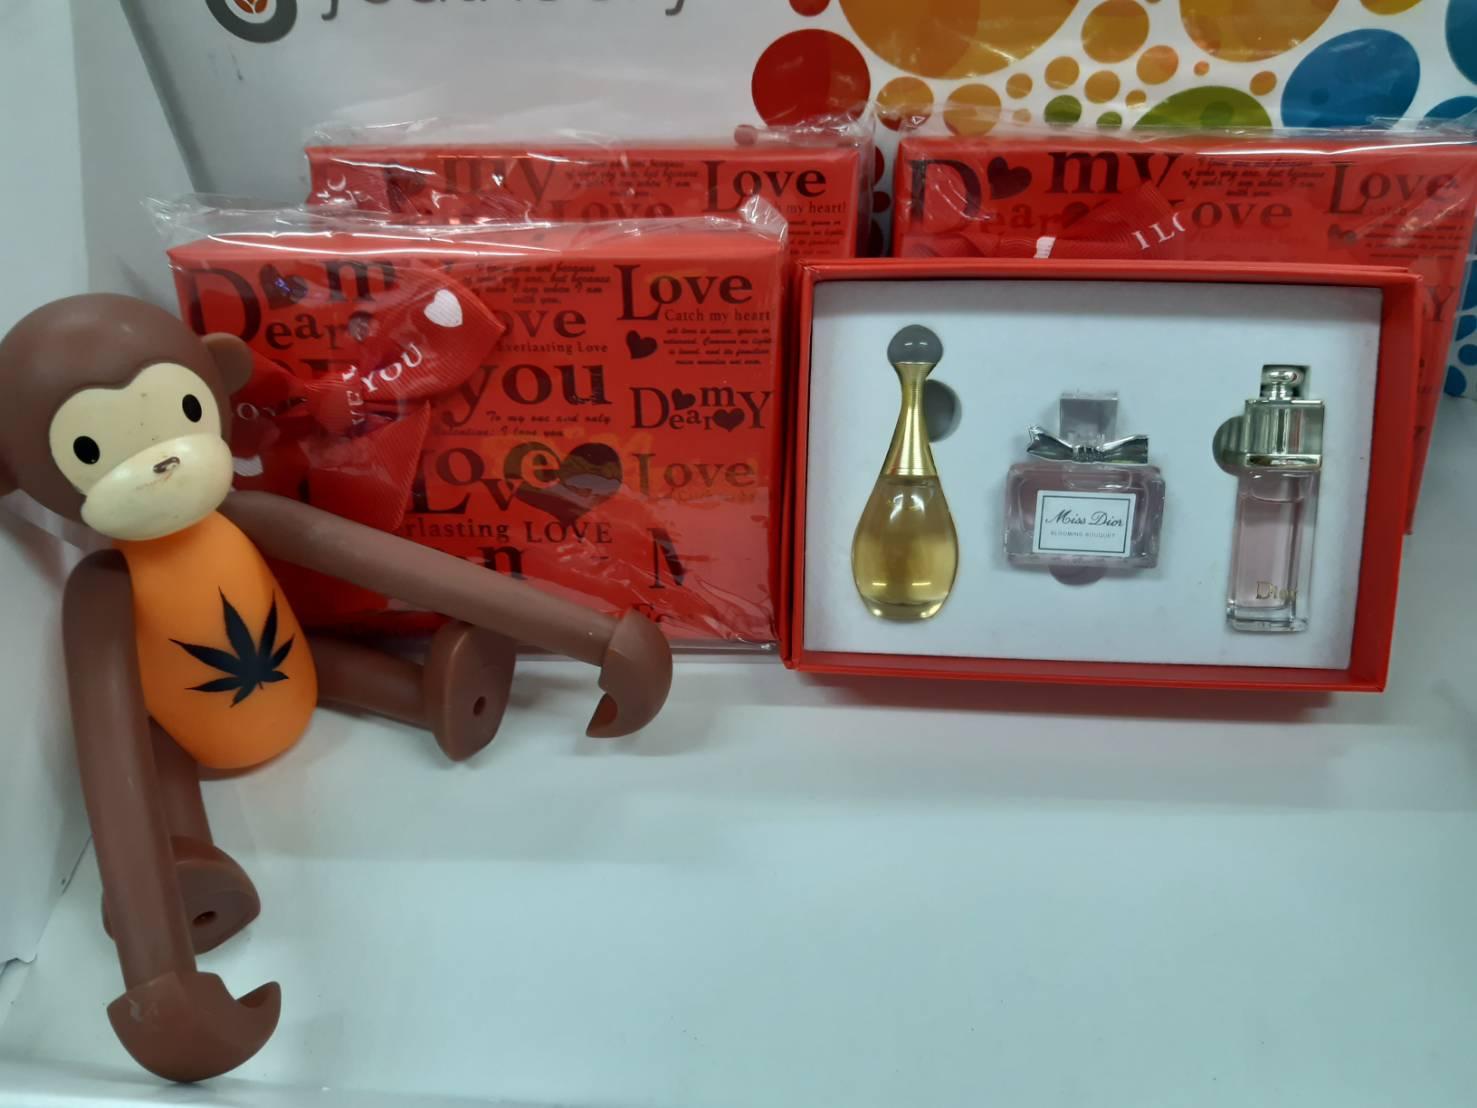 น้ำหอมเทสเตอร์หัวแต้มสำหรับผู้หญิง Gift Set Dior Perfume For Women 5ml.x3 ชิ้น แพคกล่องของขวัญสวยหรู